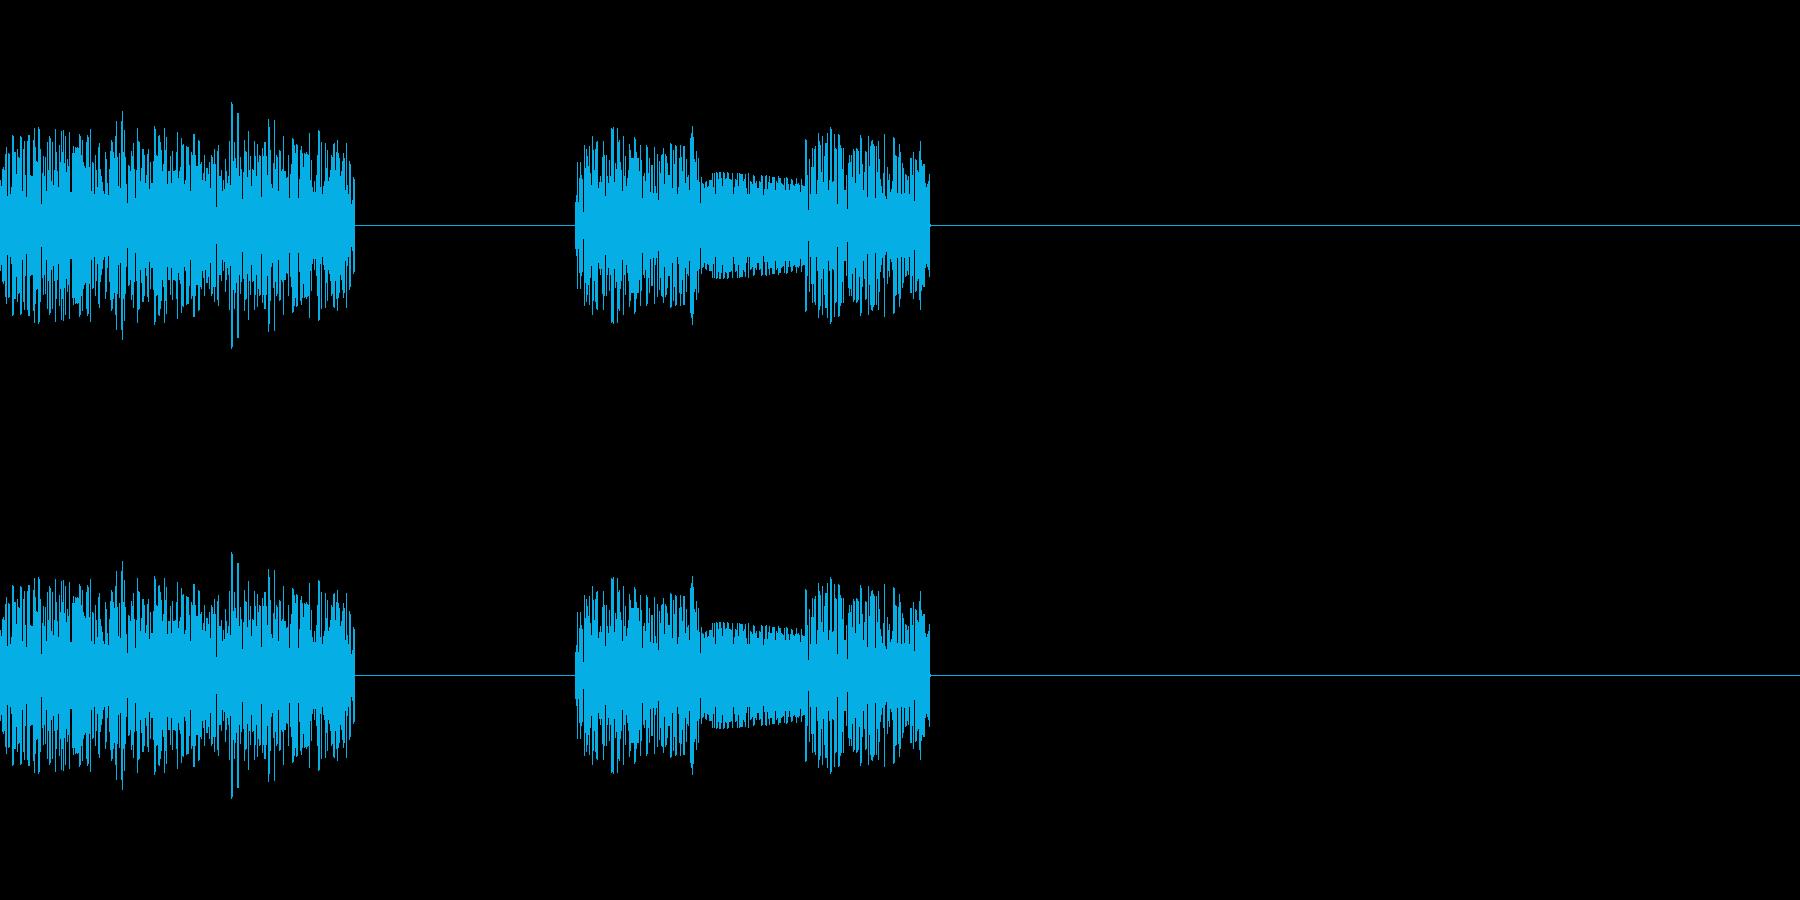 「ザッザッ」レトロゲーム風二回攻撃の再生済みの波形